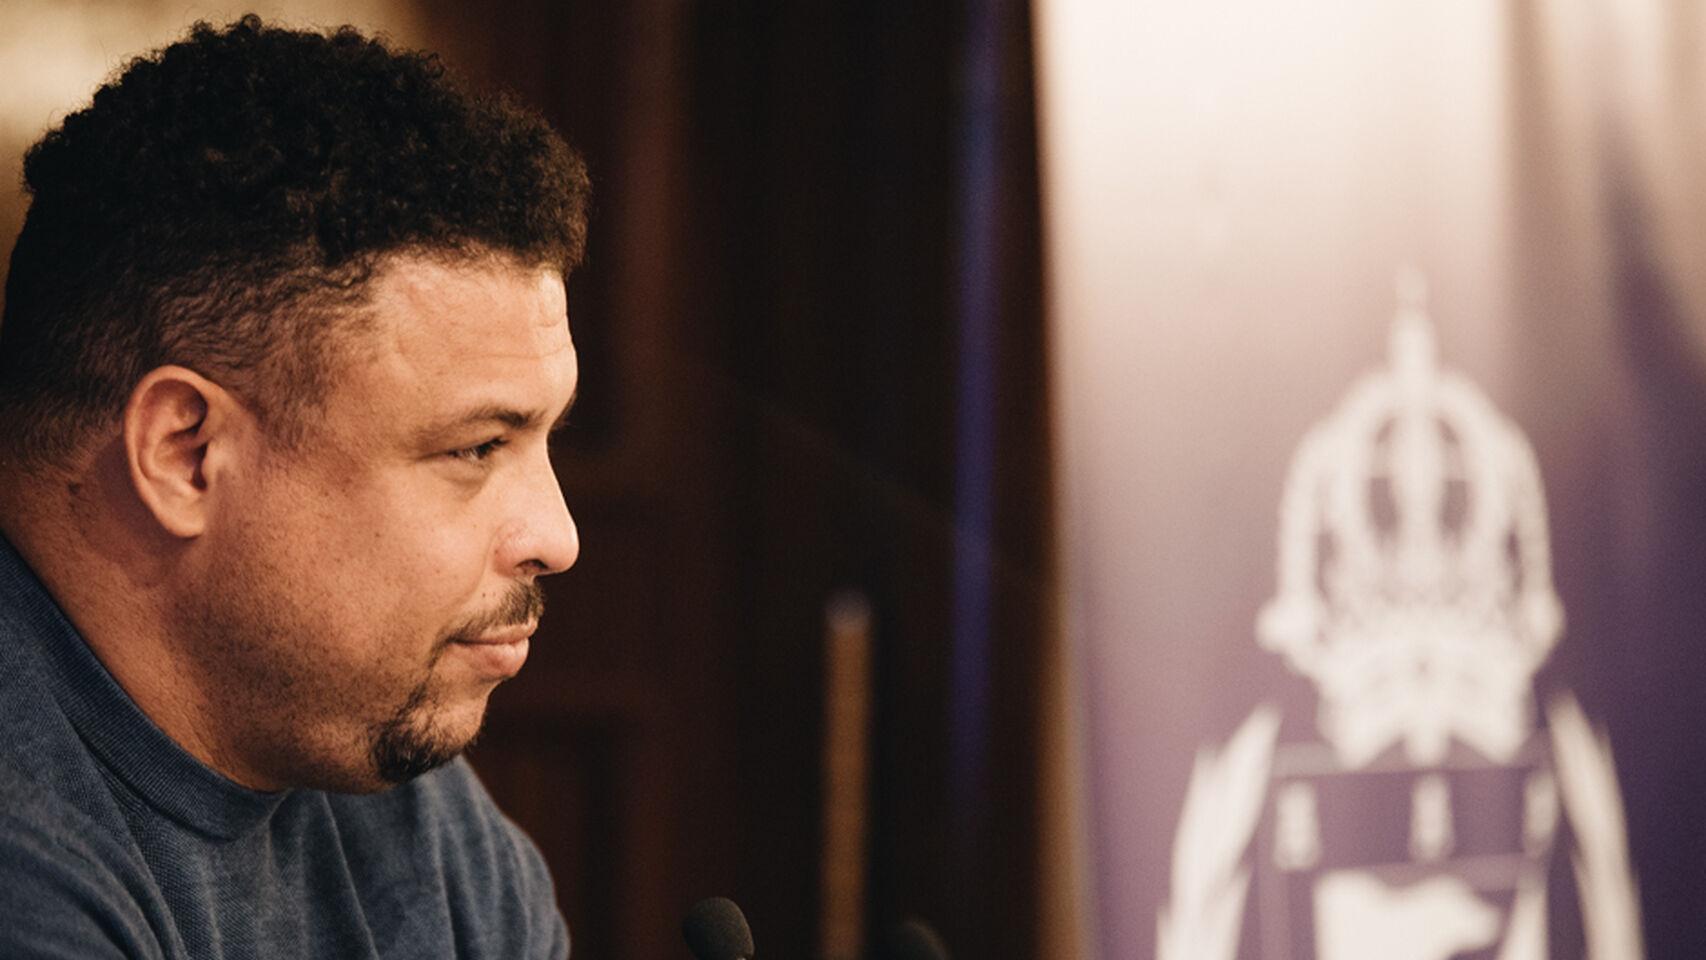 Ronaldo Nazario da Lima recordó con tristeza cuando jugaba y le llamaban gordo. (Foto Prensa Libre: Valladolid)